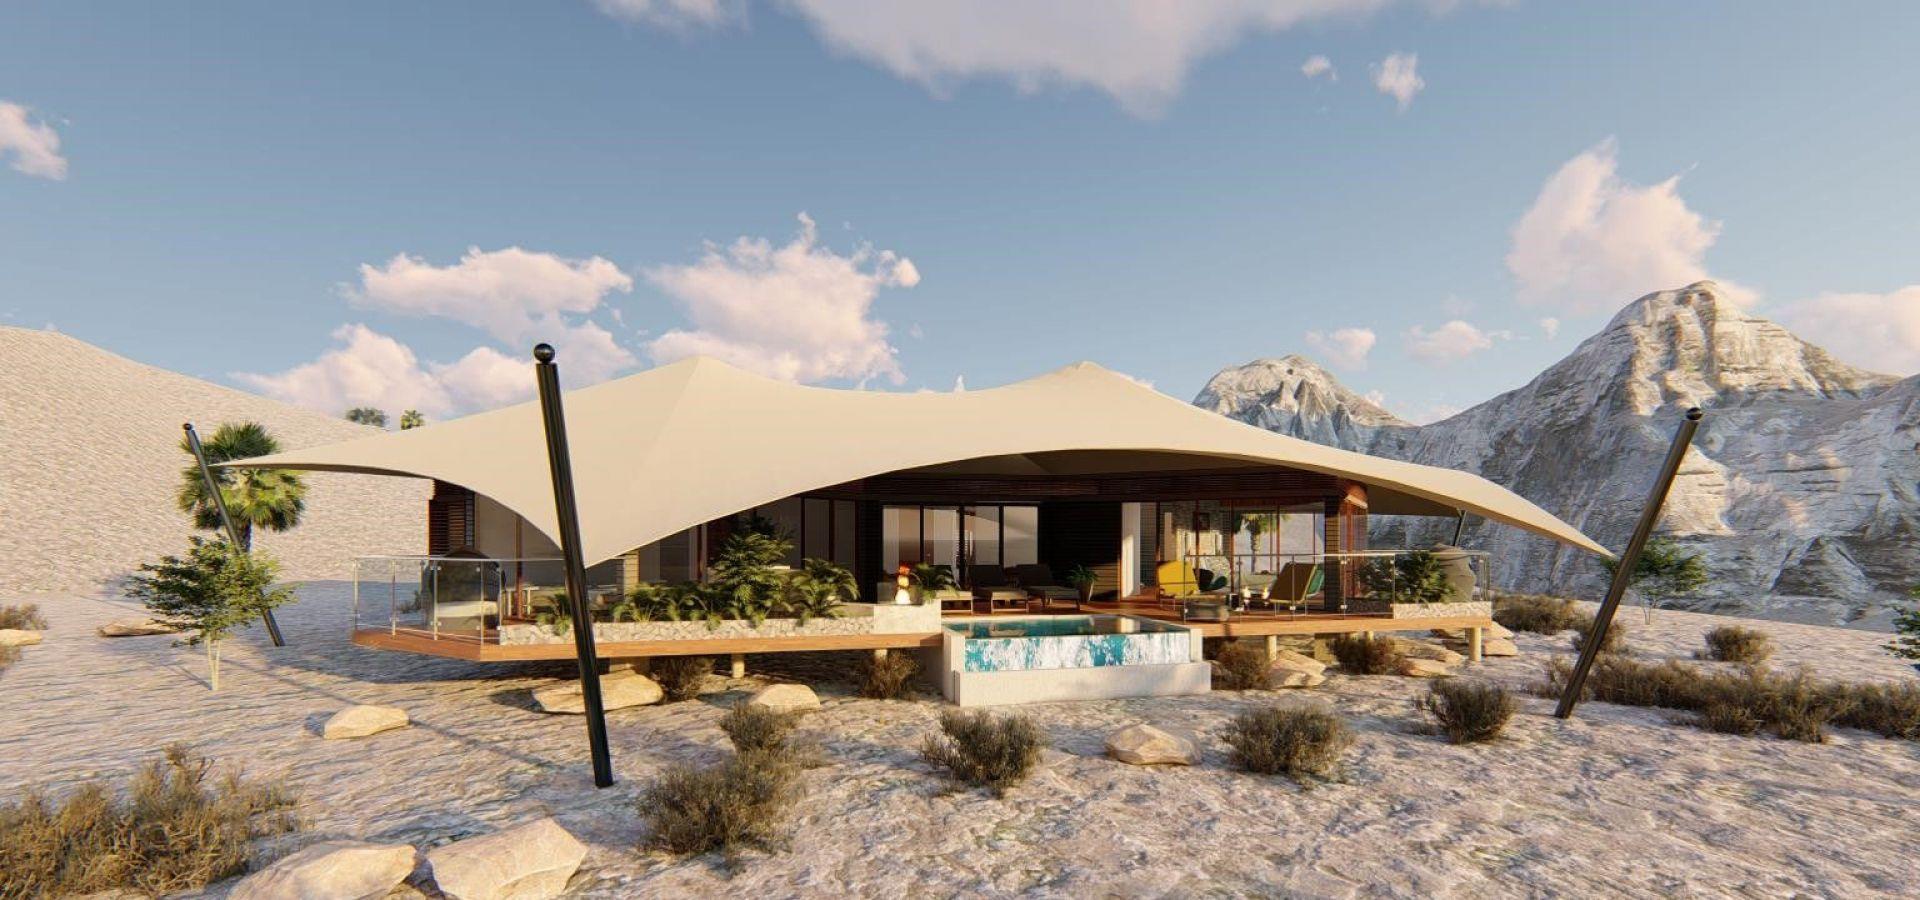 палаточный курорт